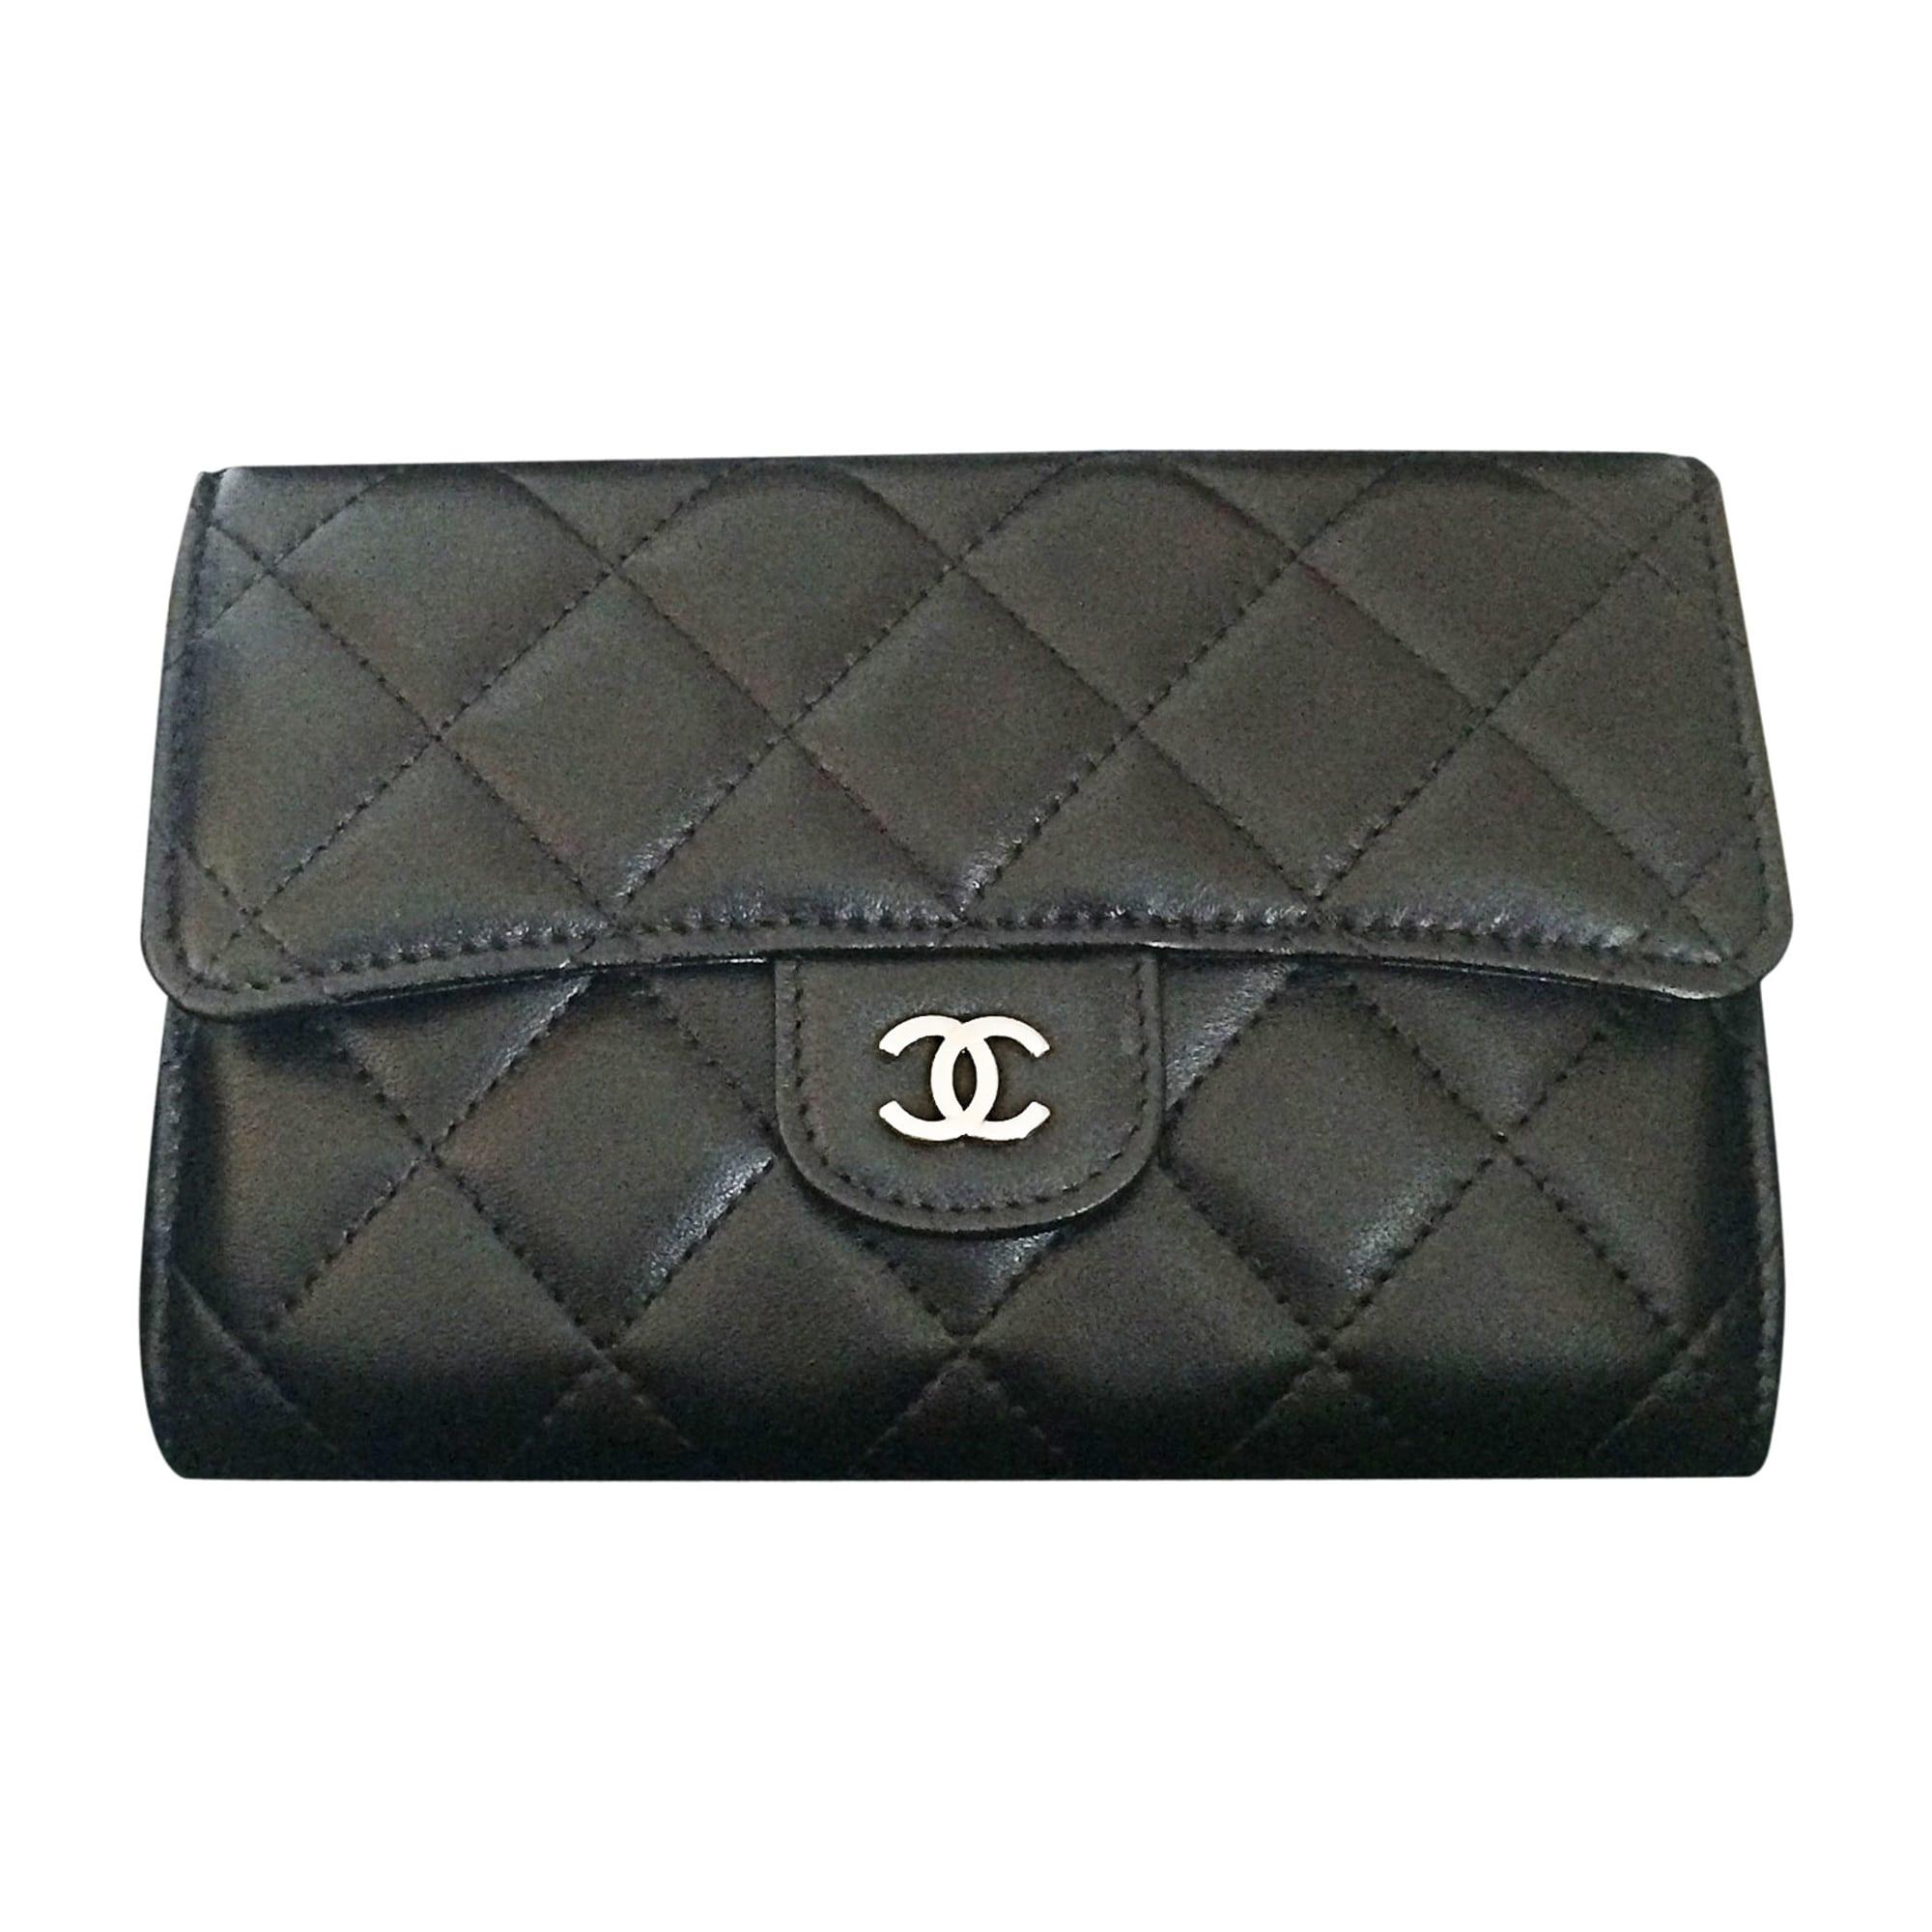 Portefeuille CHANEL timeless noir vendu par Callmejane - 6010598 33e9773c009